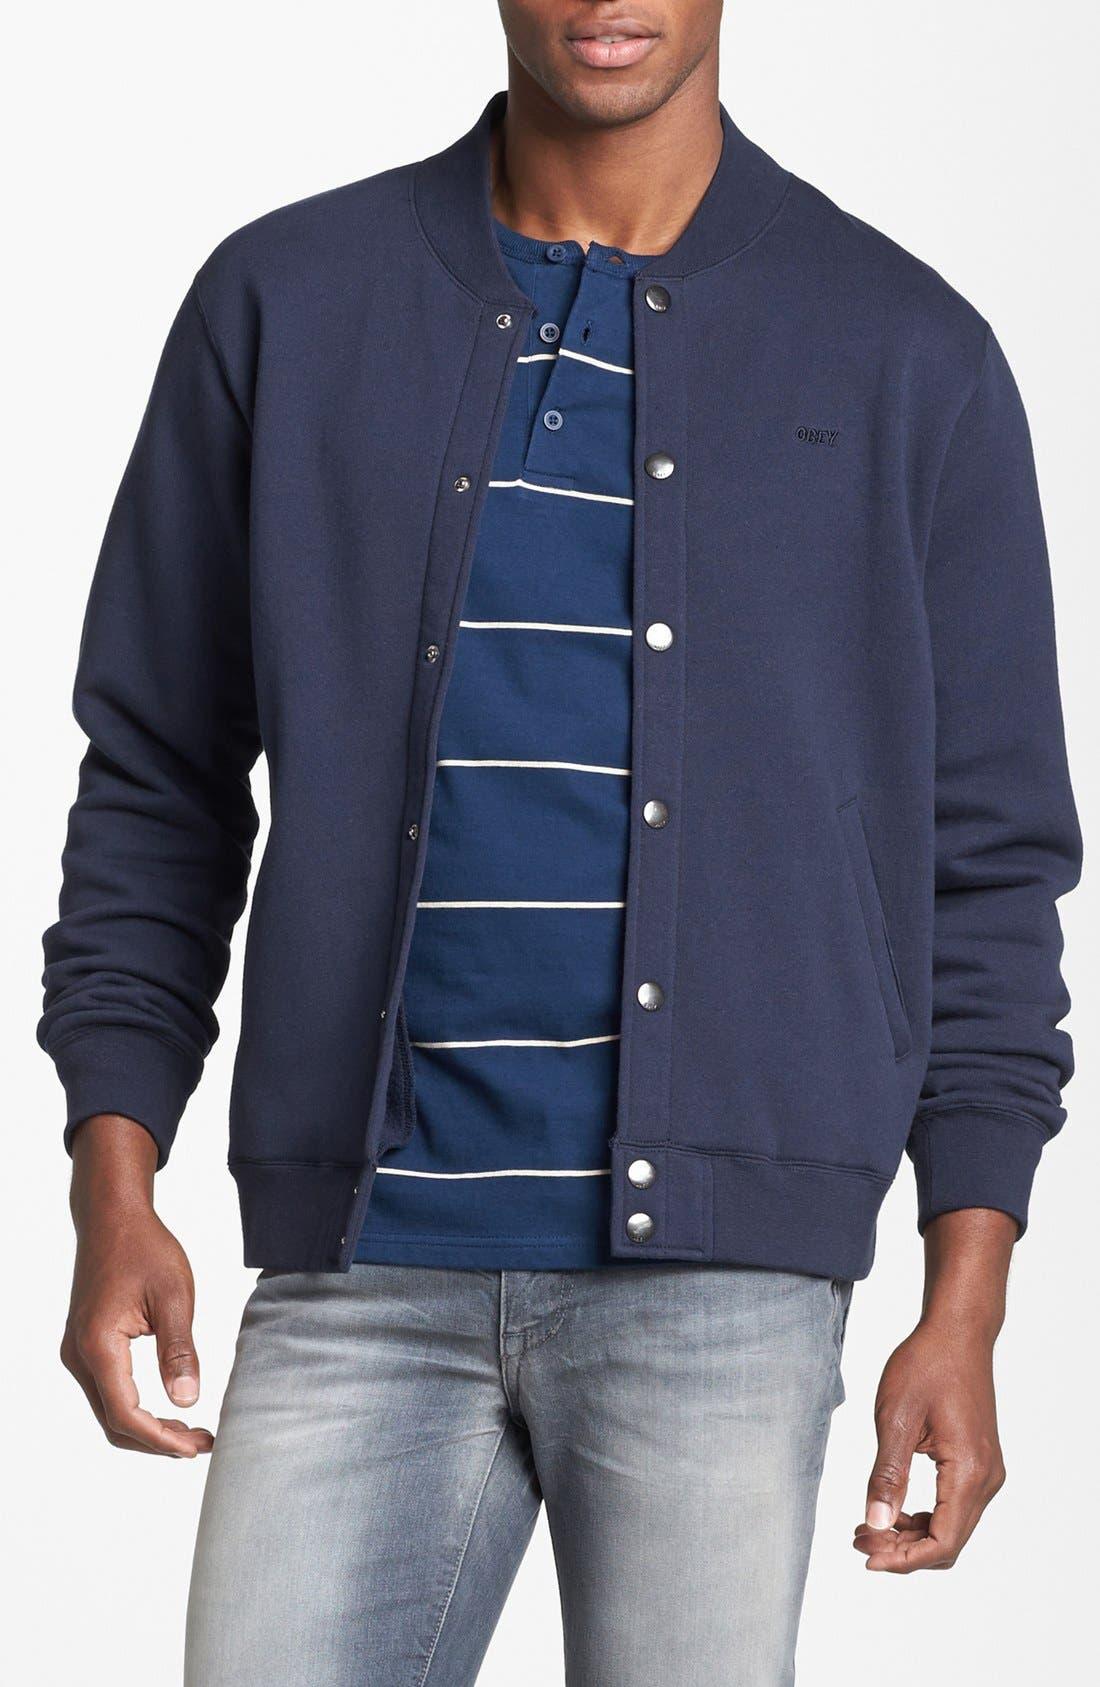 Main Image - Obey 'Back Lot' Jersey Varsity Jacket